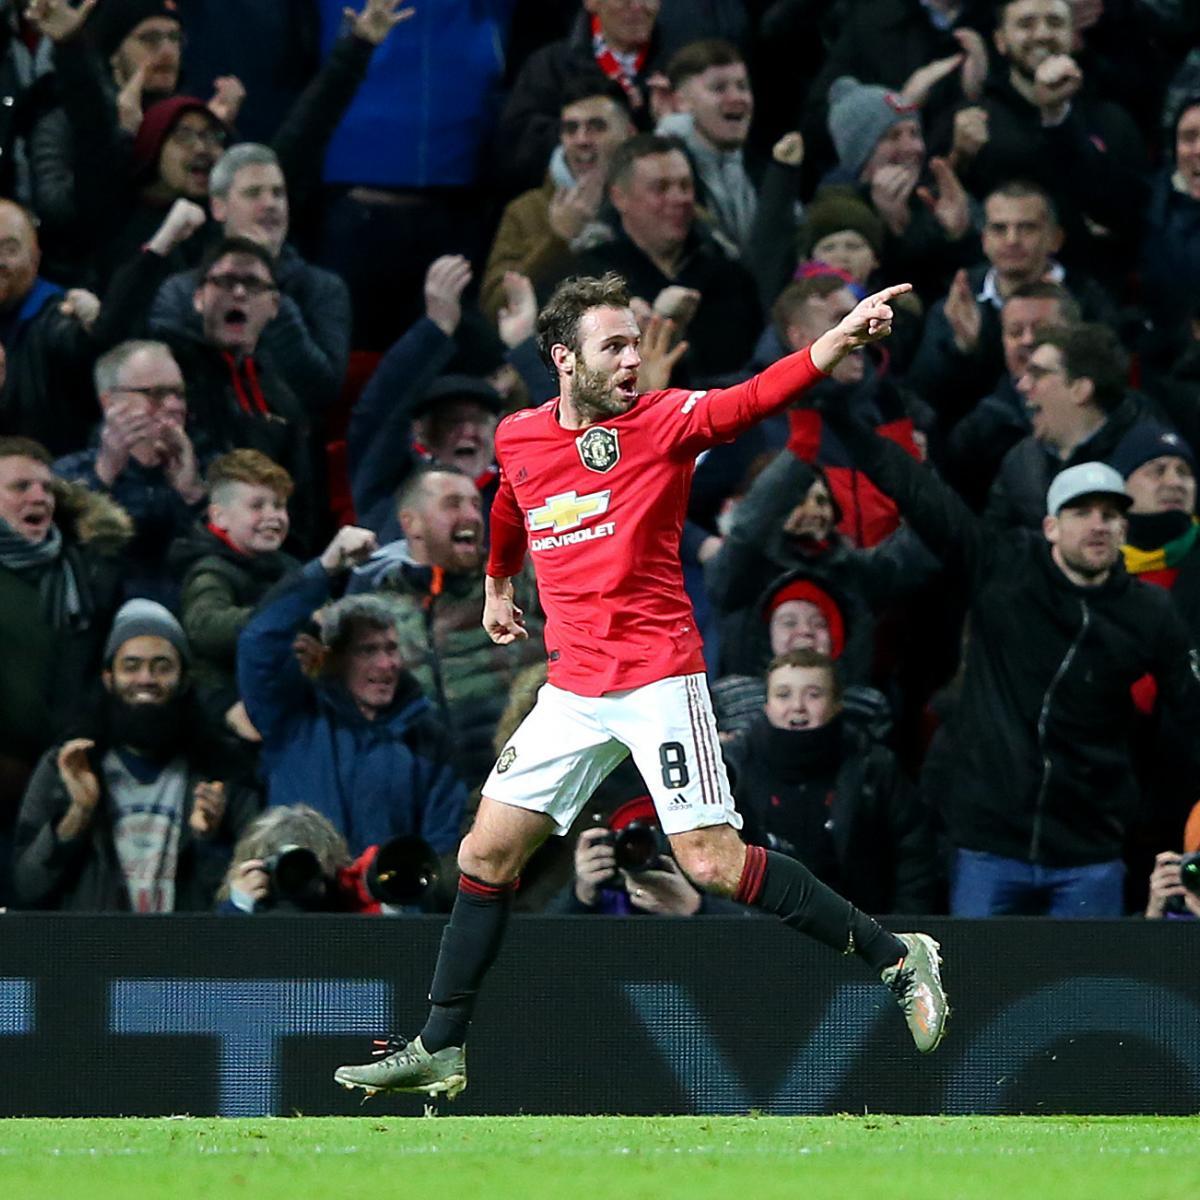 Tranmere vs. Manchester United: FA Cup 2020 Odds, Live Stream, TV Schedule | Bleacher Report ...